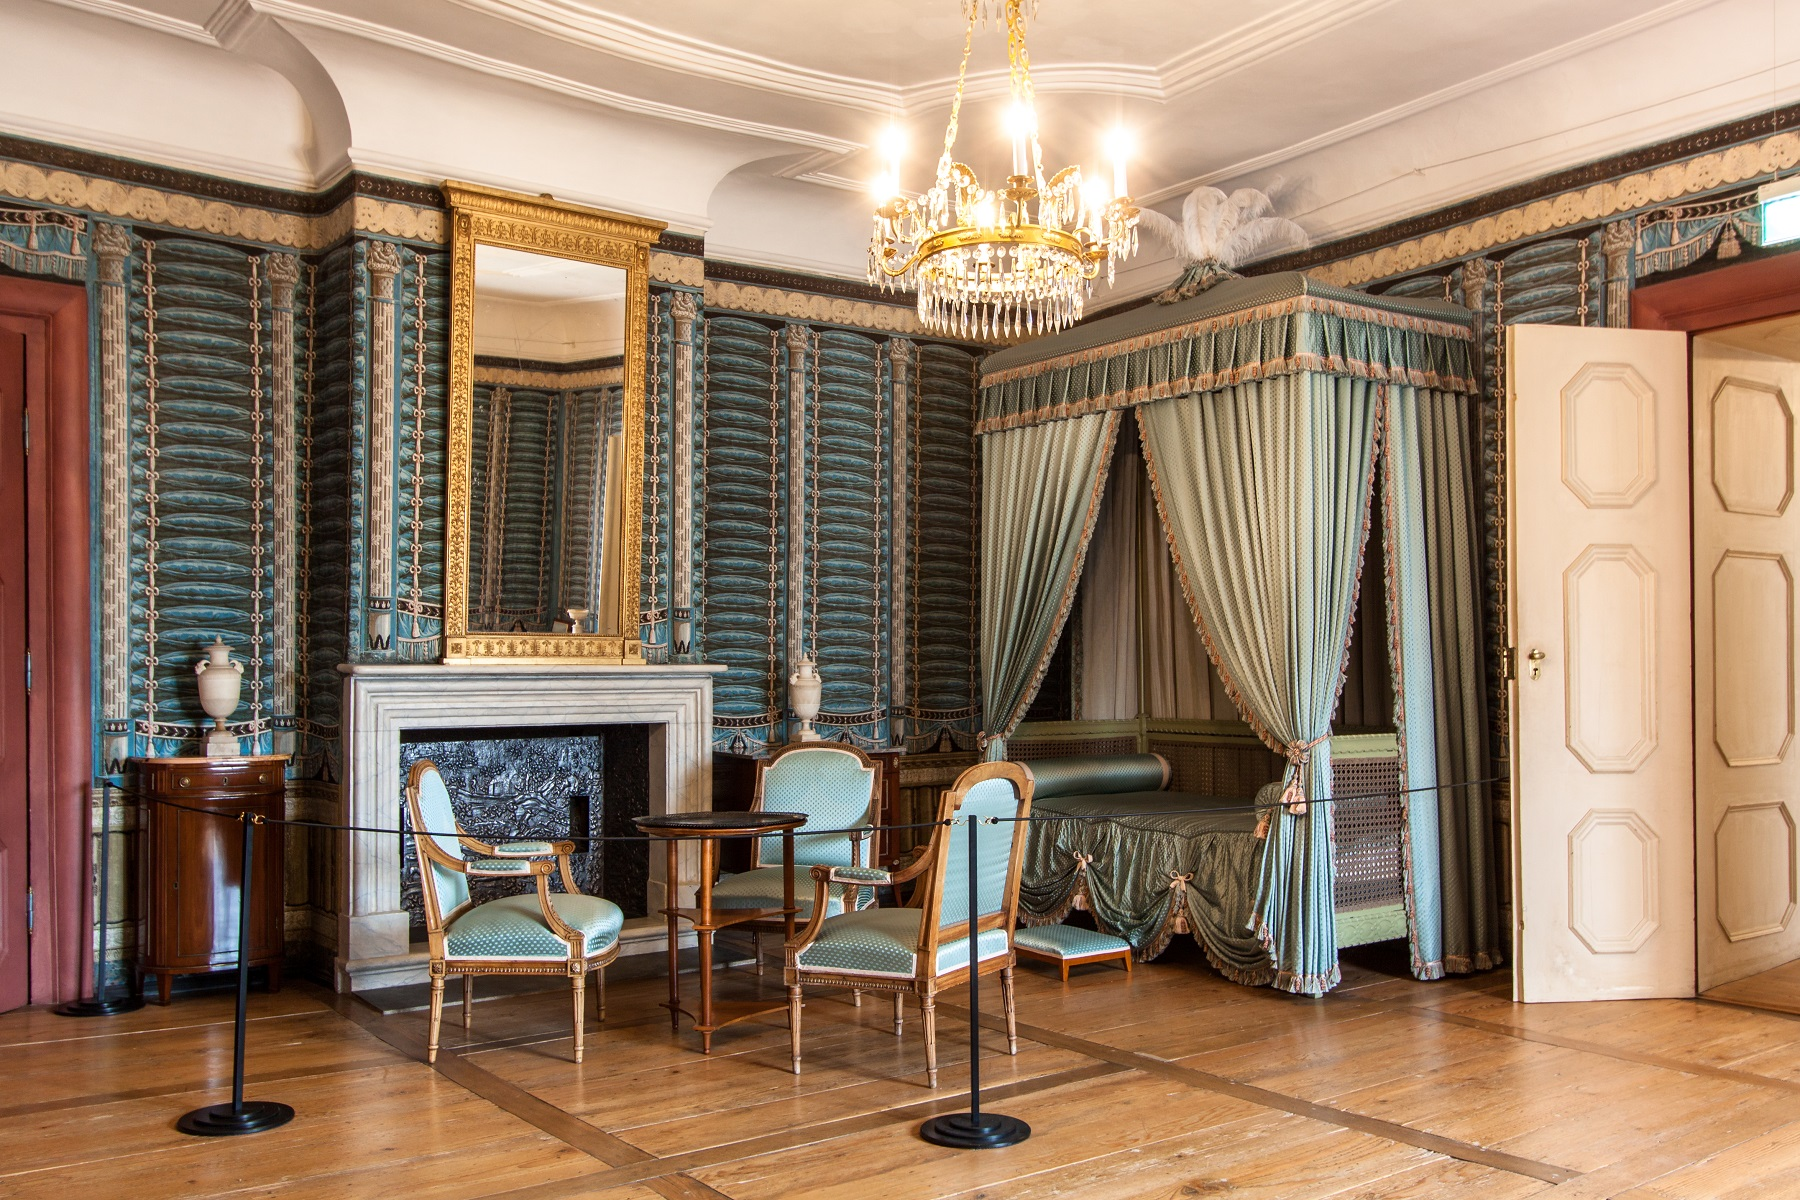 Schloss und Schlossgarten Schwetzingen, Wohnzimmer im Appartement Luise Karoline von Hochberg; Foto: Staatliche Schlösser und Gärten Baden-Württemberg, Ursula Wetzel